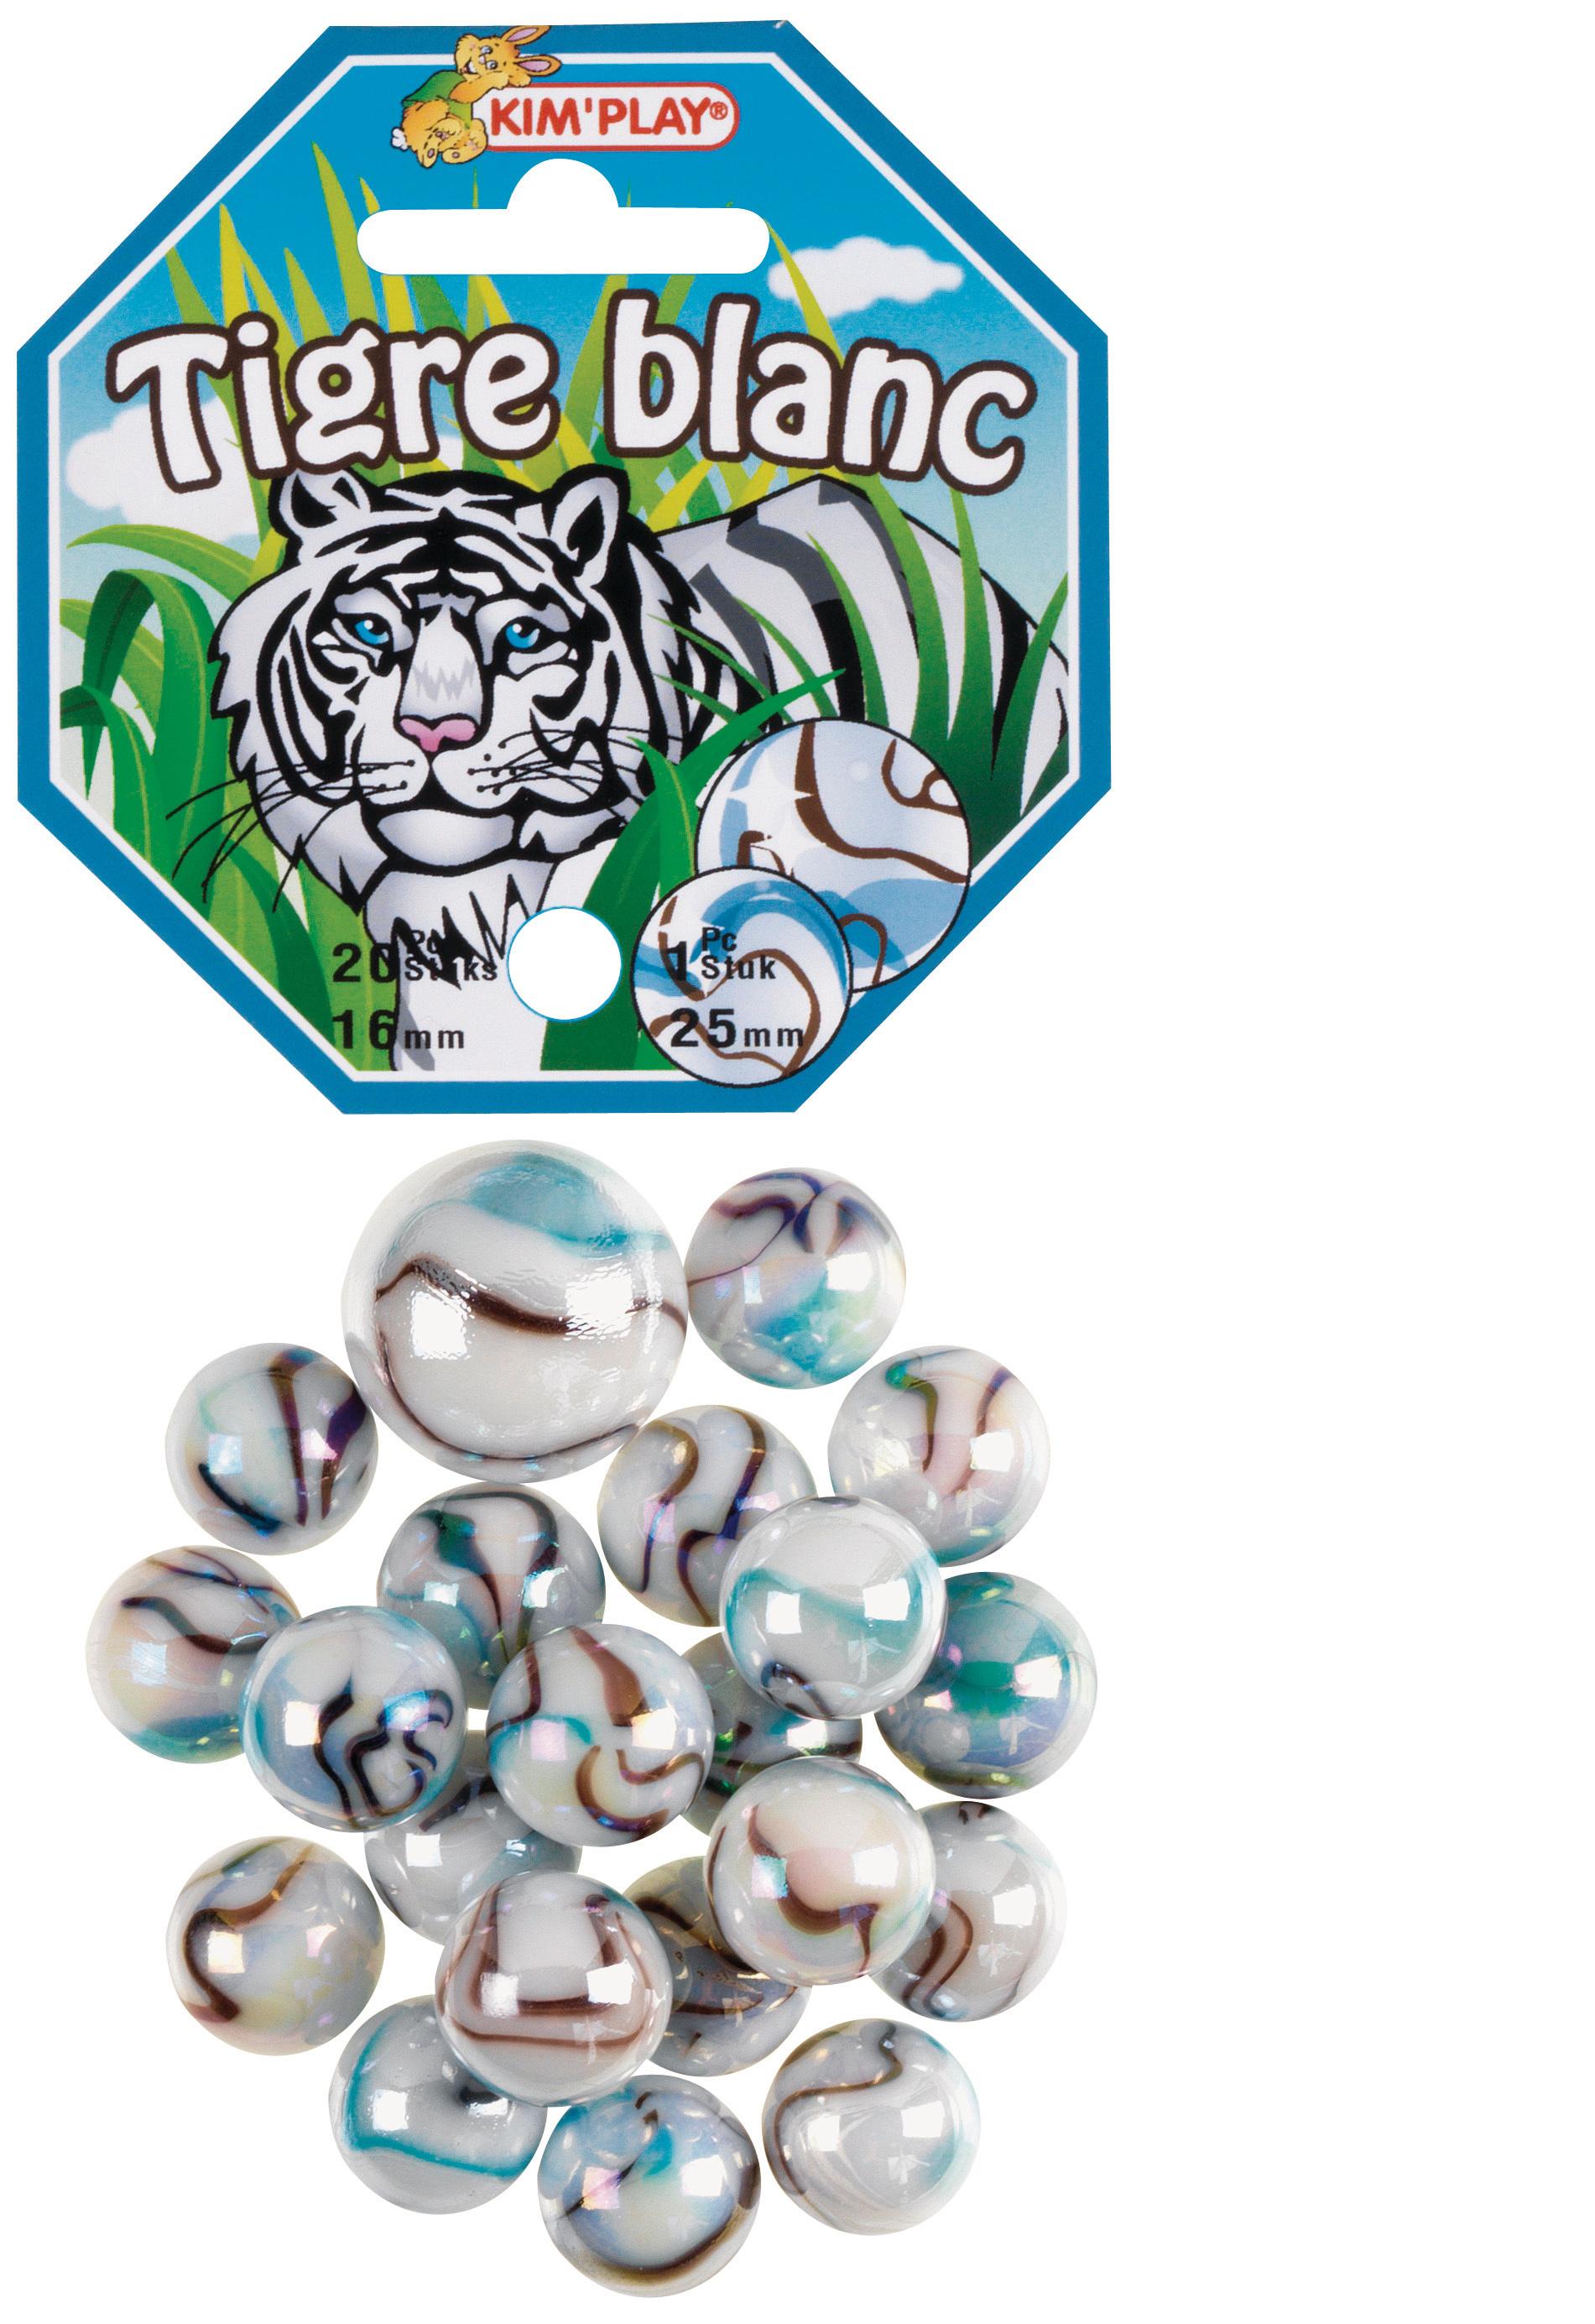 20 billes + 1 calot Tigre